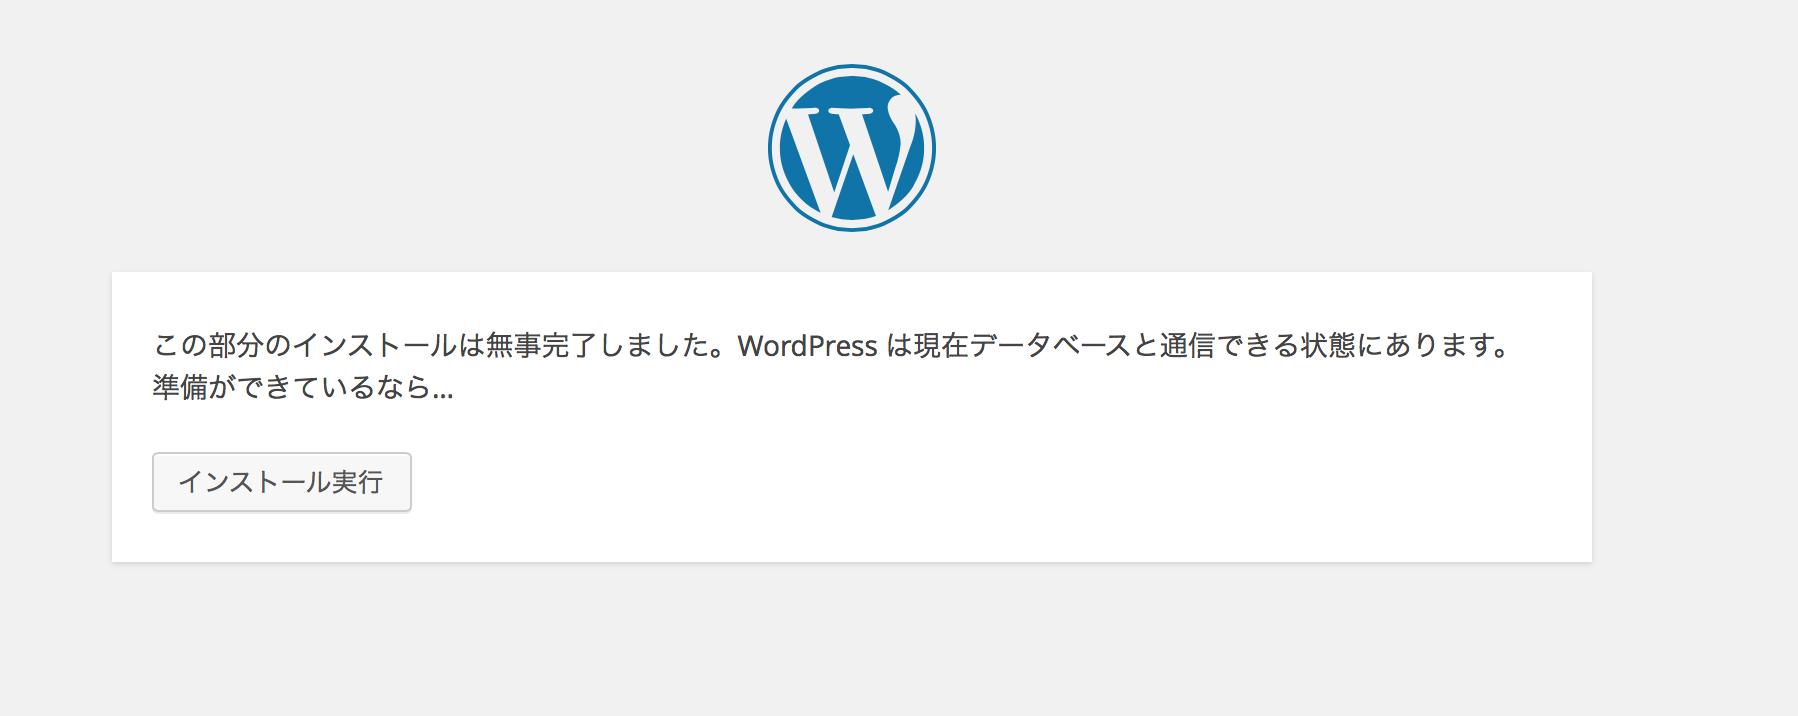 Wordpressローカル12